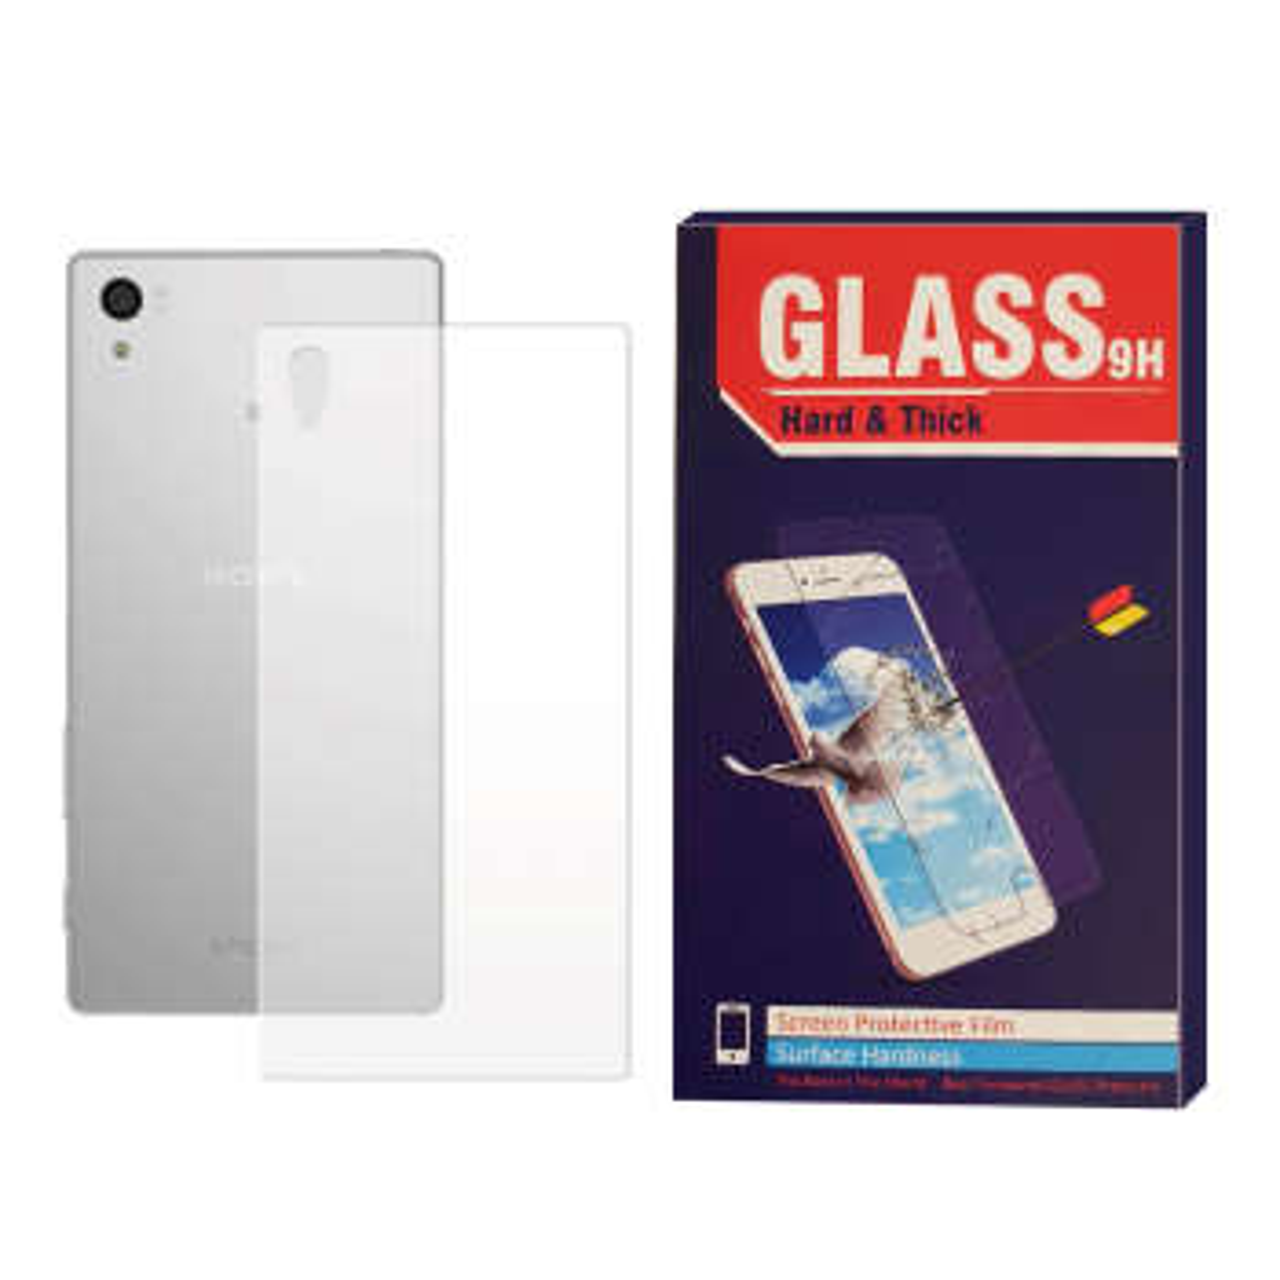 محافظ پشت گوشی Hard and thick مدل F-01 مناسب برای گوشی موبایل سونی Xperia Z3